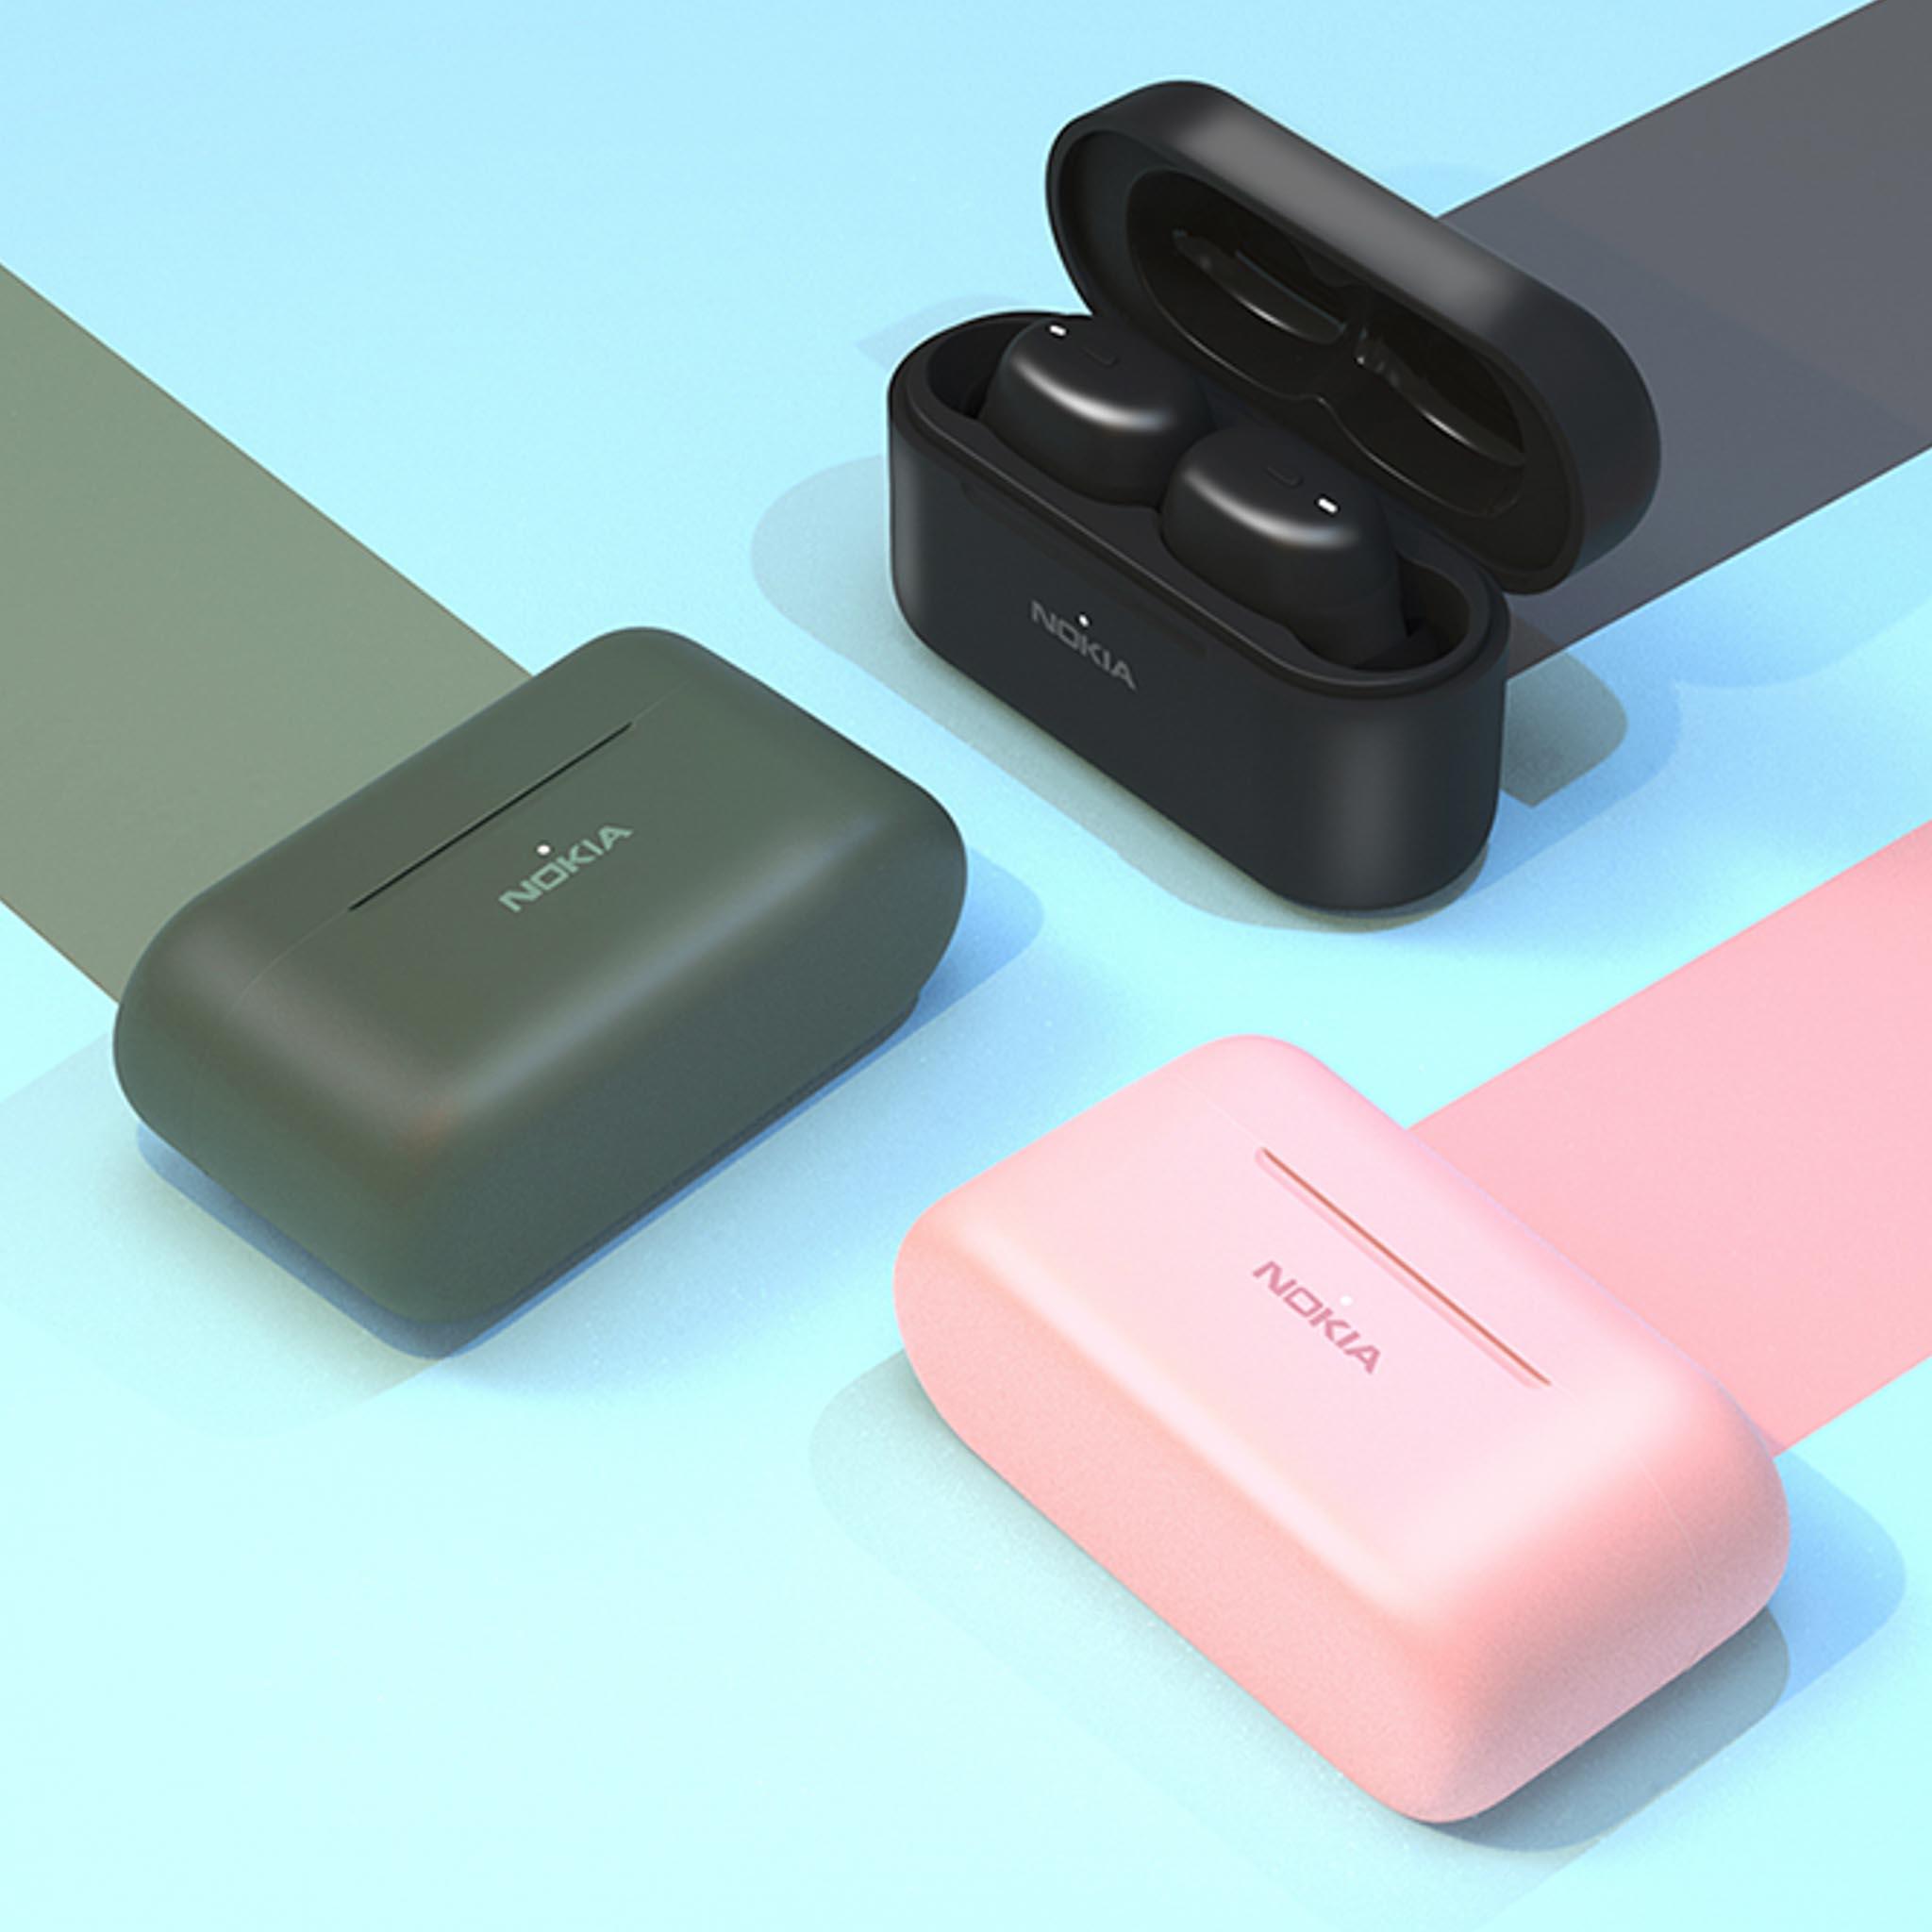 Nokia ra mắt 5 tai nghe không dây mới hướng đến khách hàng trẻ